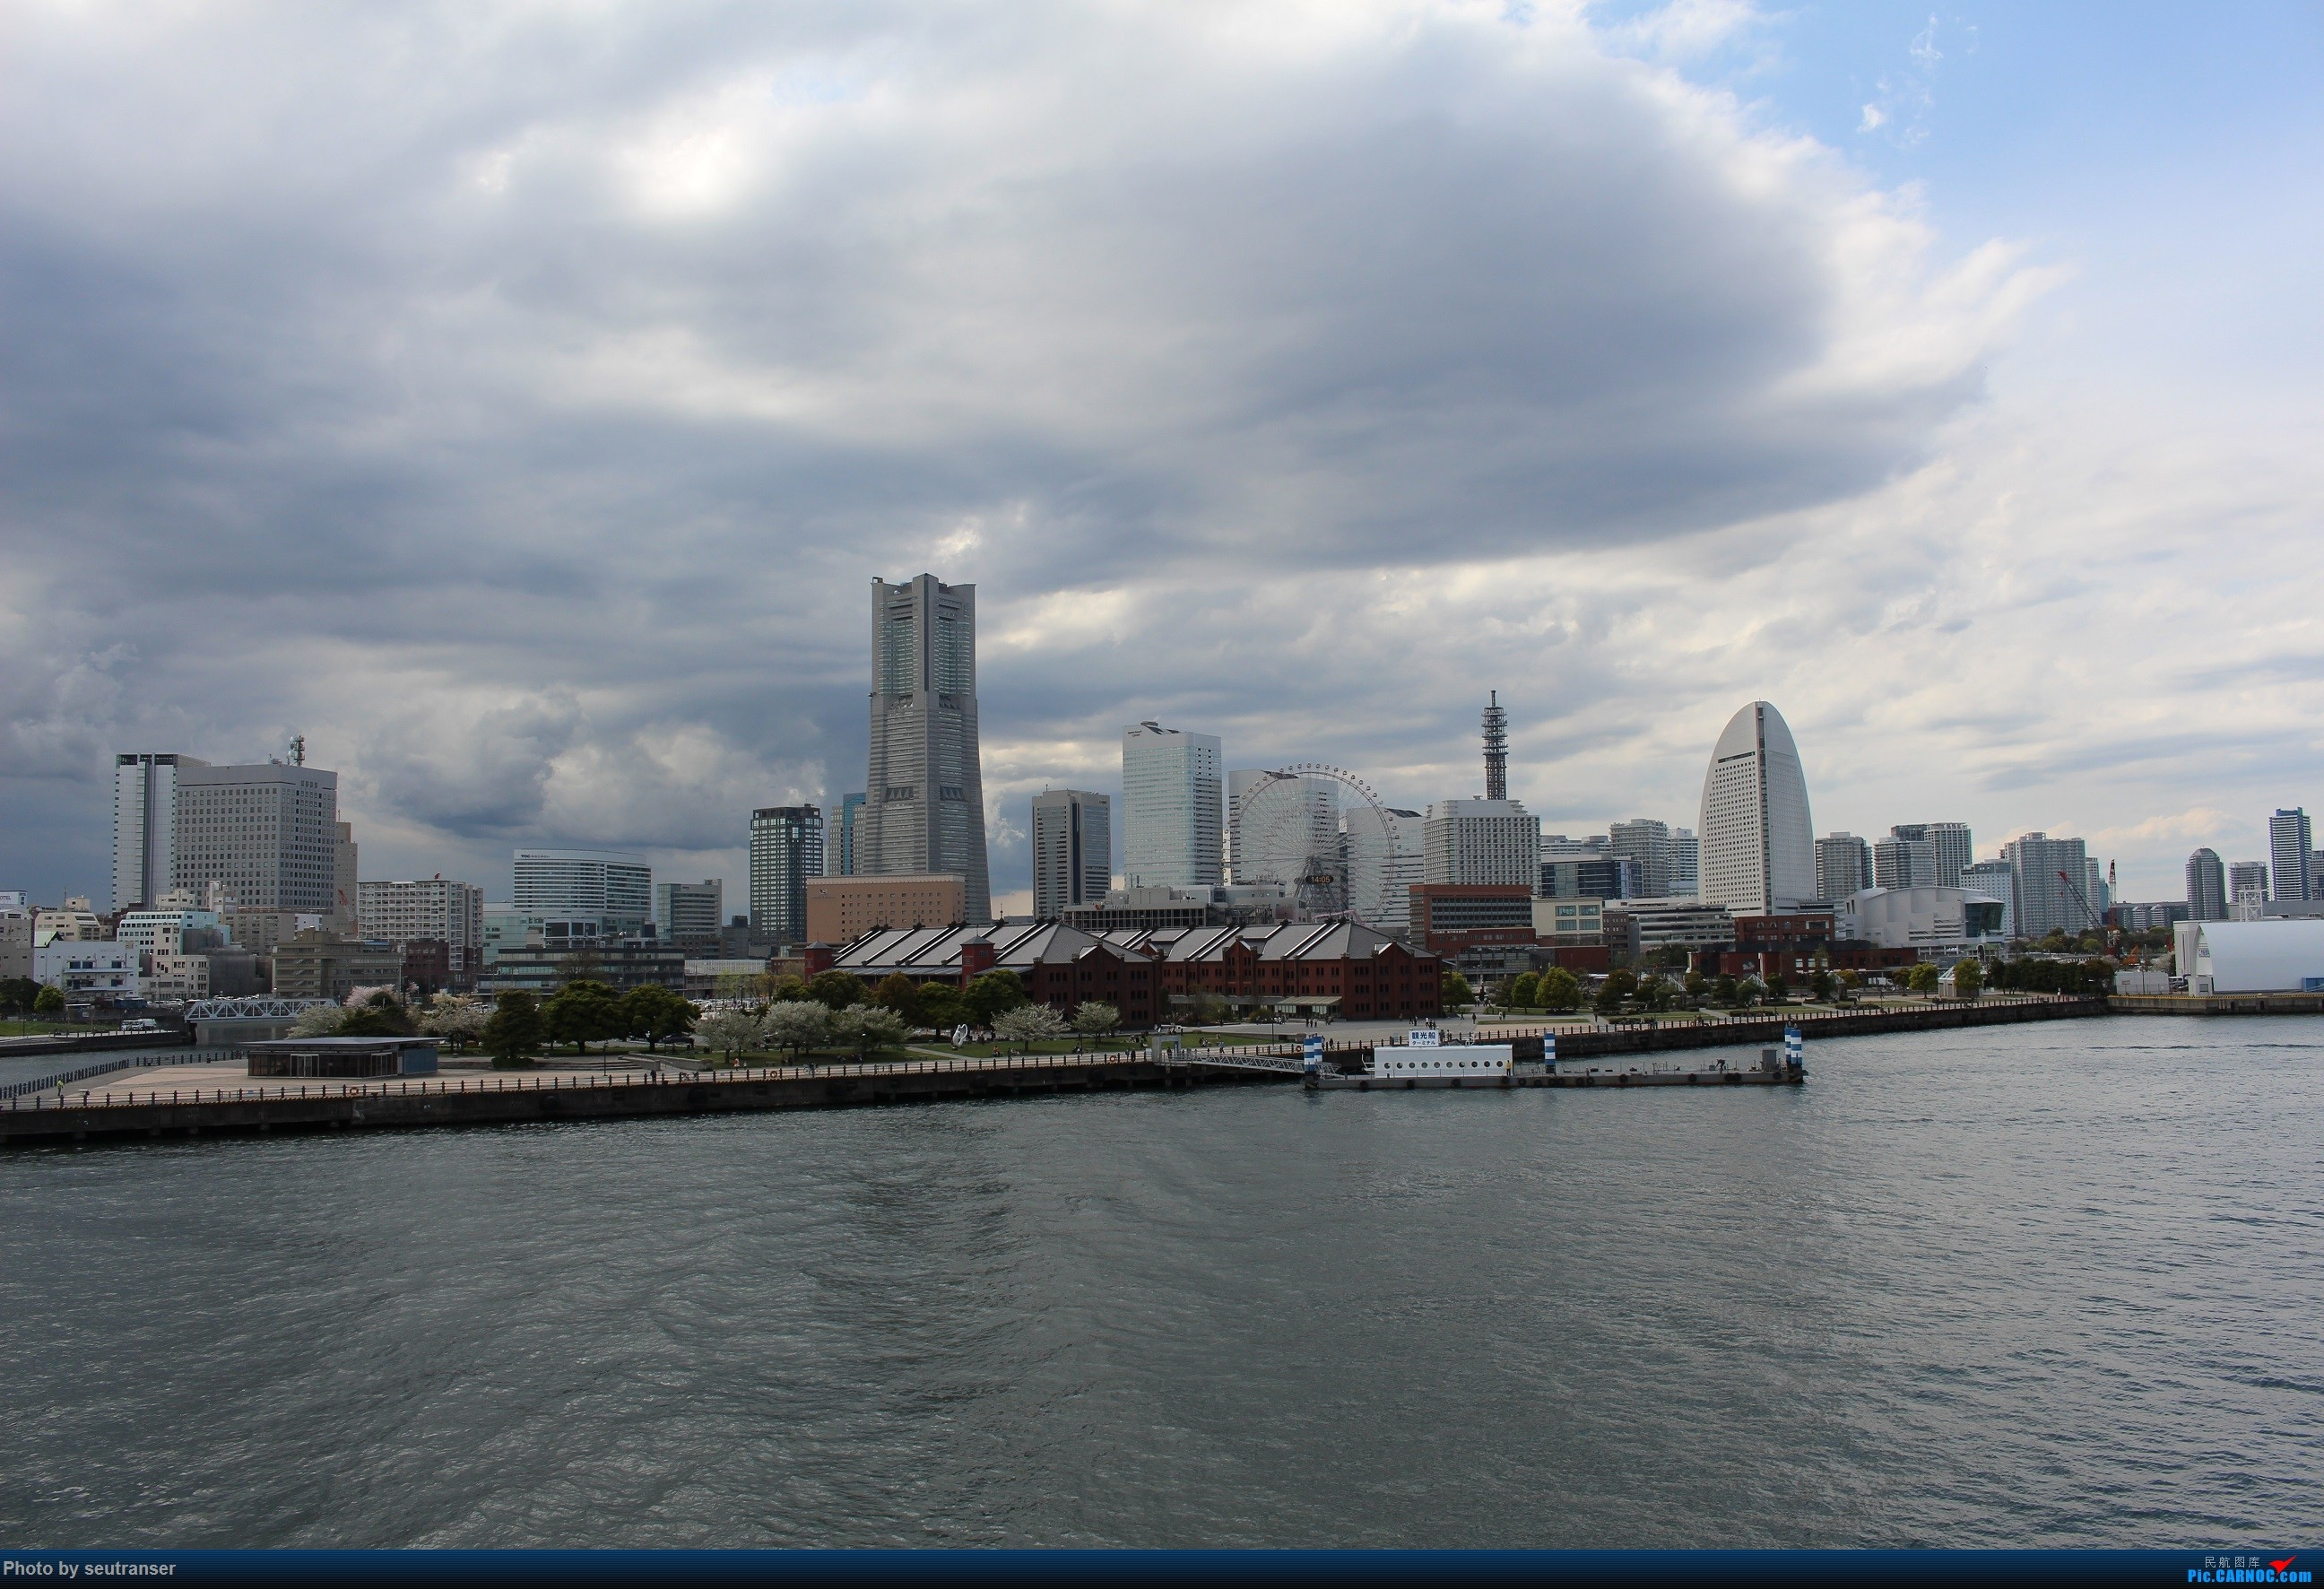 Re:[原创]迟到一年的游记,记第一次出国游—日本